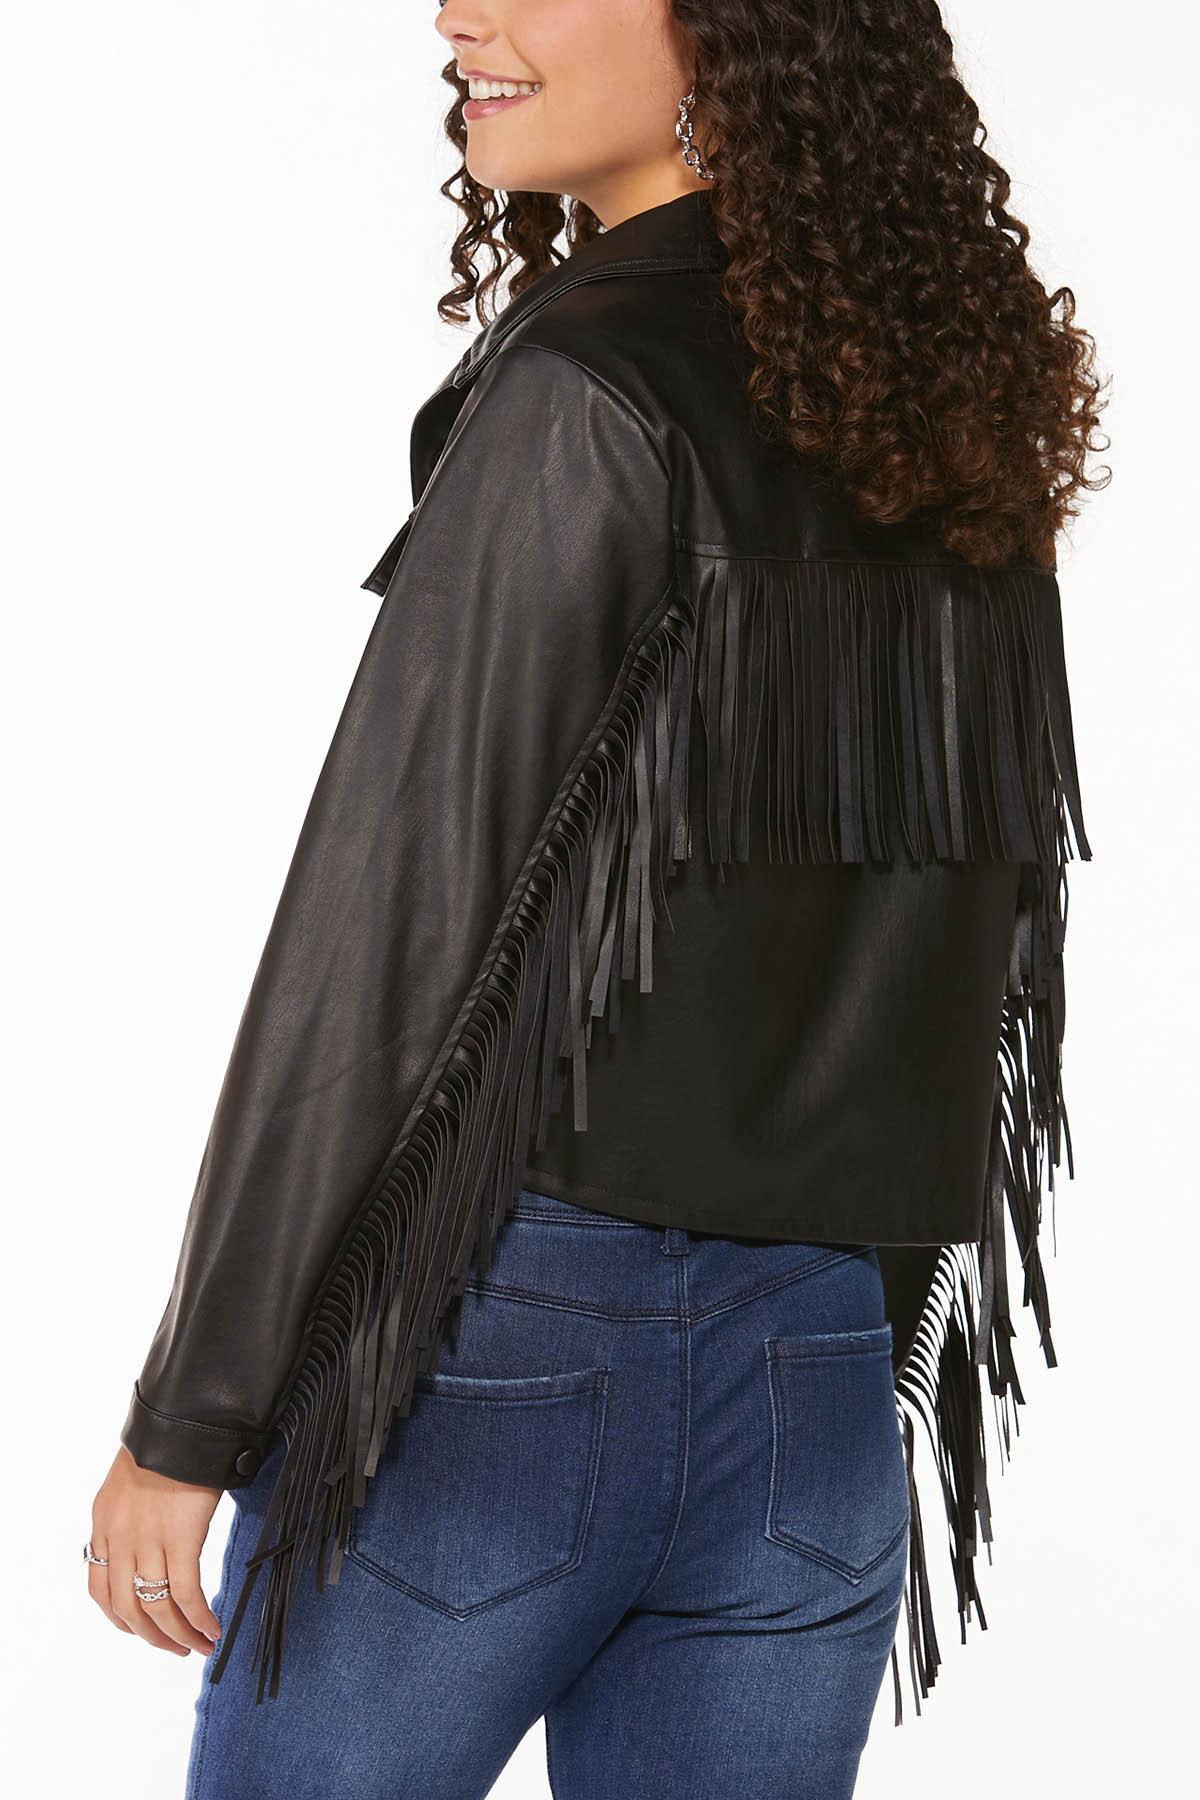 Fringe Faux Leather Jacket (Item #44698490)